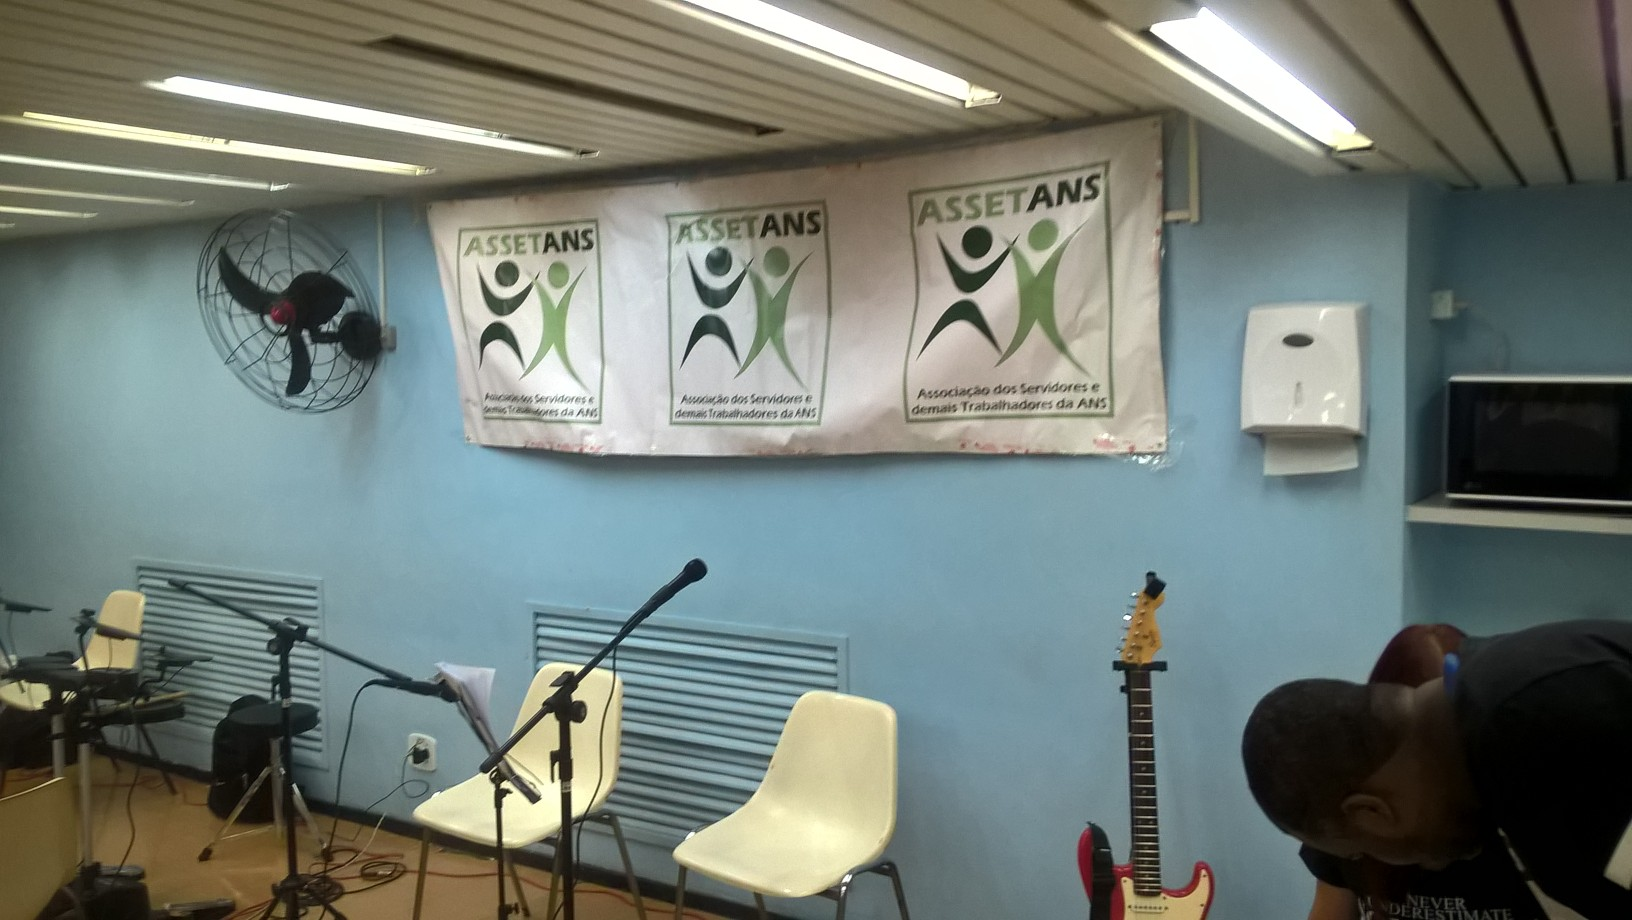 Compartilhando momentos de descontração: posse da nova Diretoria da ASSETANS, com Música na Cobertura